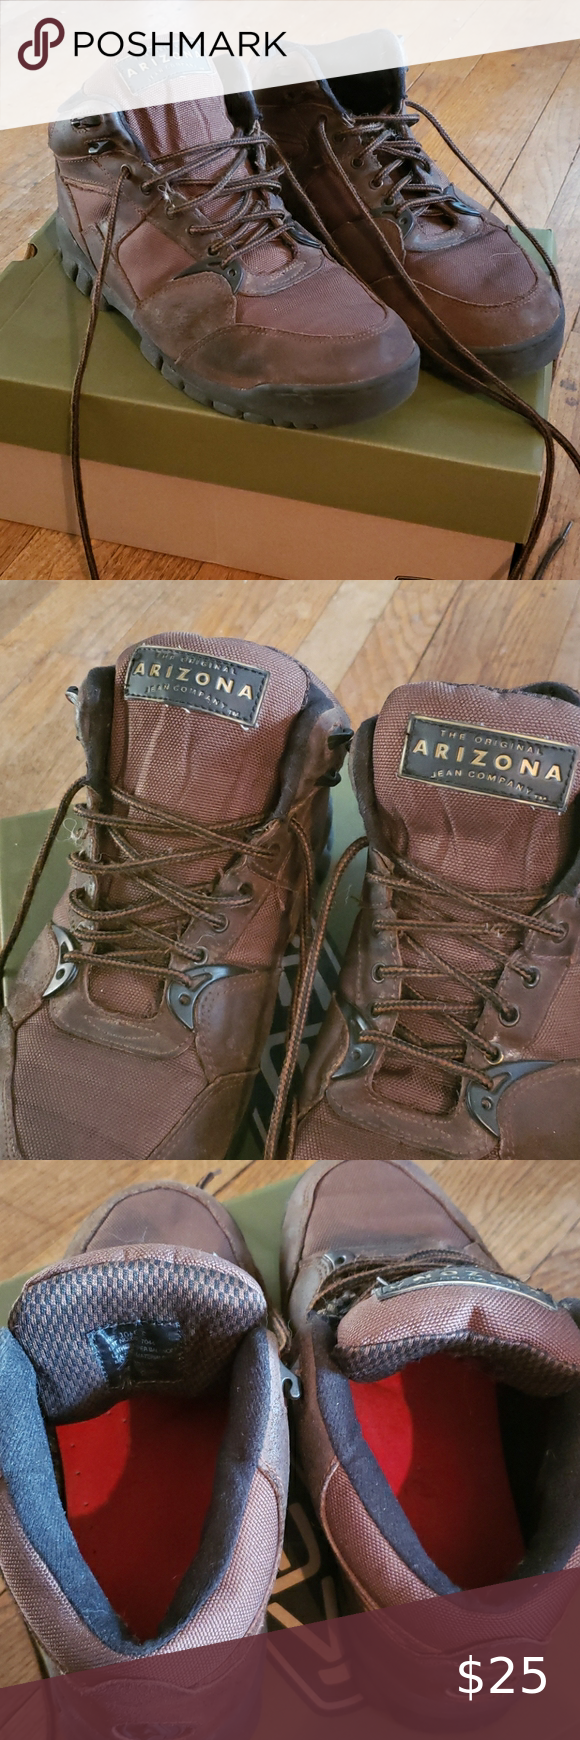 eee hiking boots